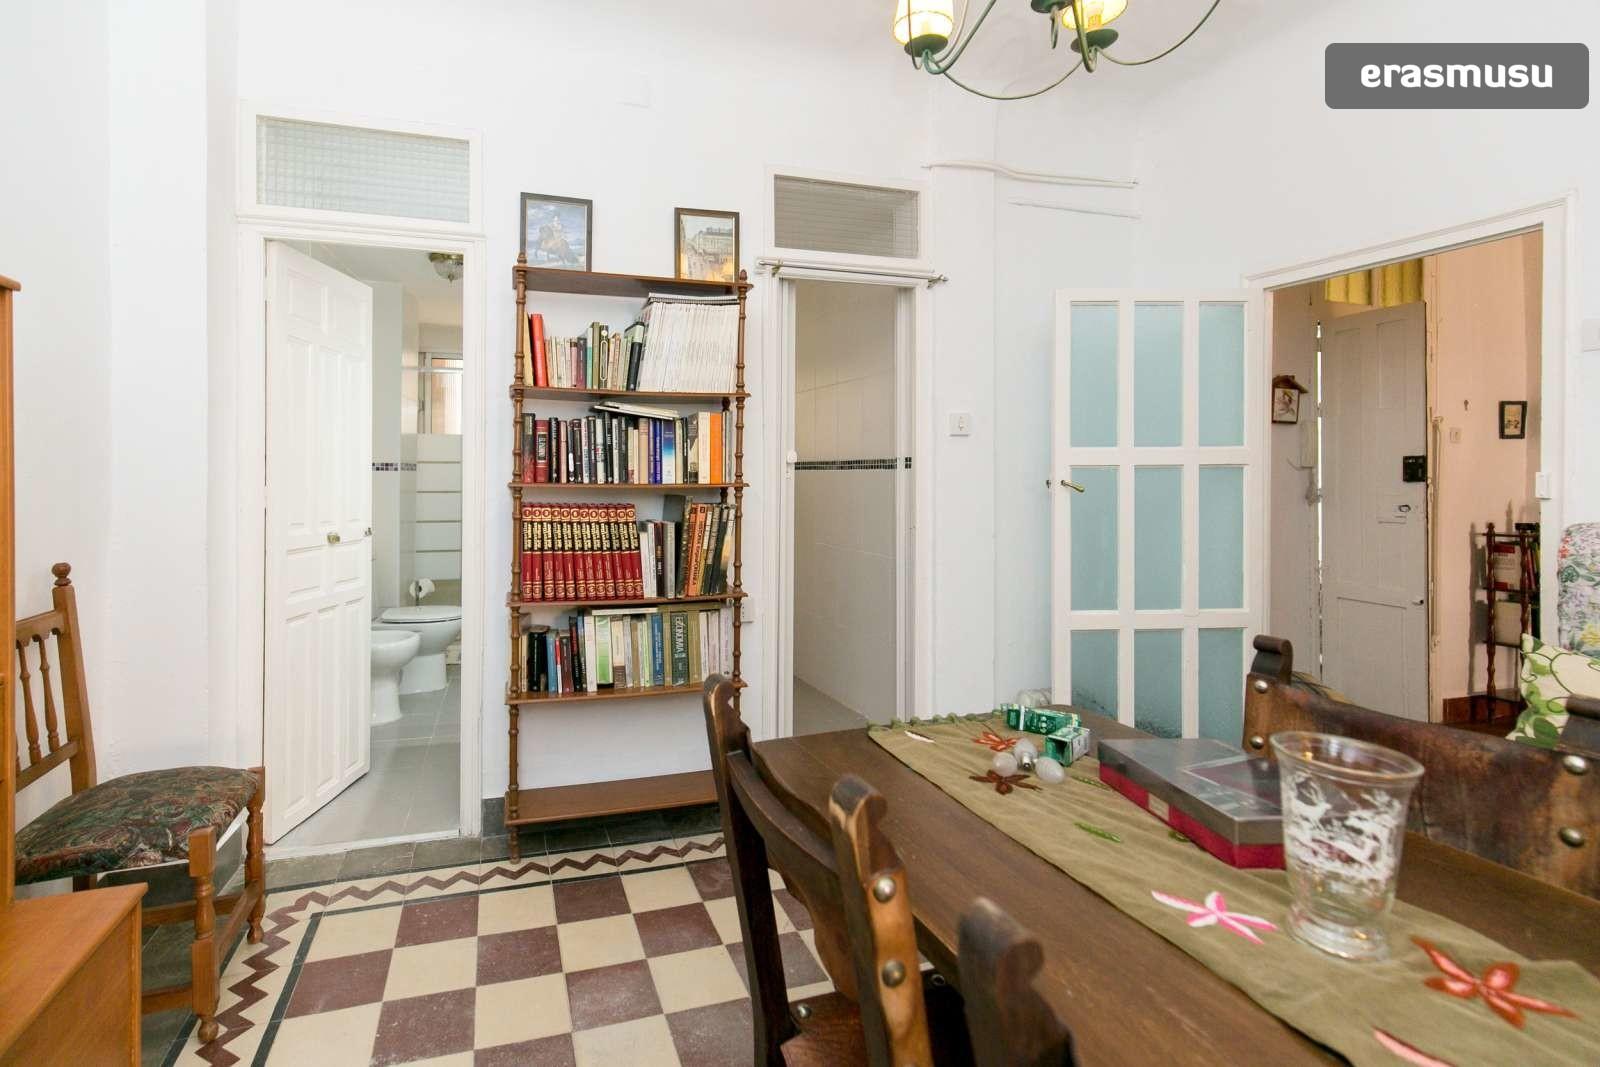 spacious-3-bedroom-apartment-rent-realejo-05a4791d493e5c97051f4d